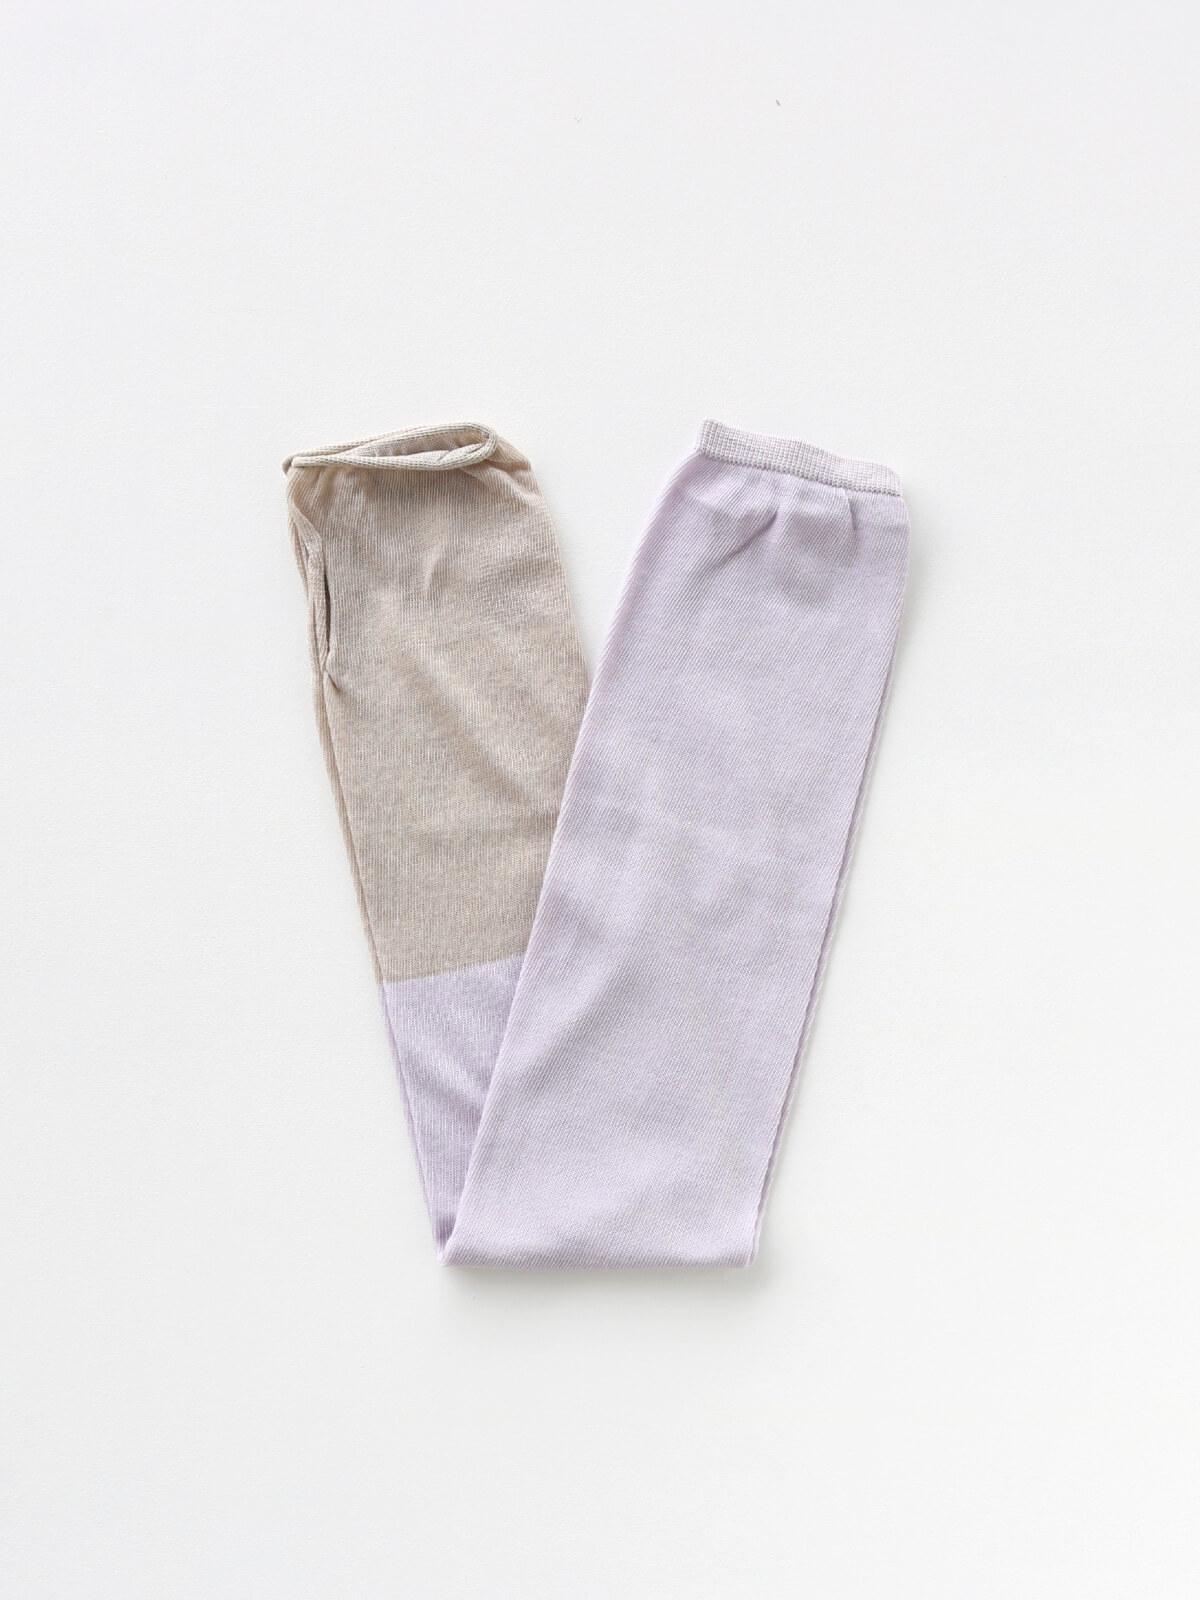 当たりつきギフト専用靴下のLUCKY SOCKS(ラッキーソックス)のSunscreen 2tone Armcover(サンスクリーン2トーンアームカバー)のペールグレープ×グレージュ_2